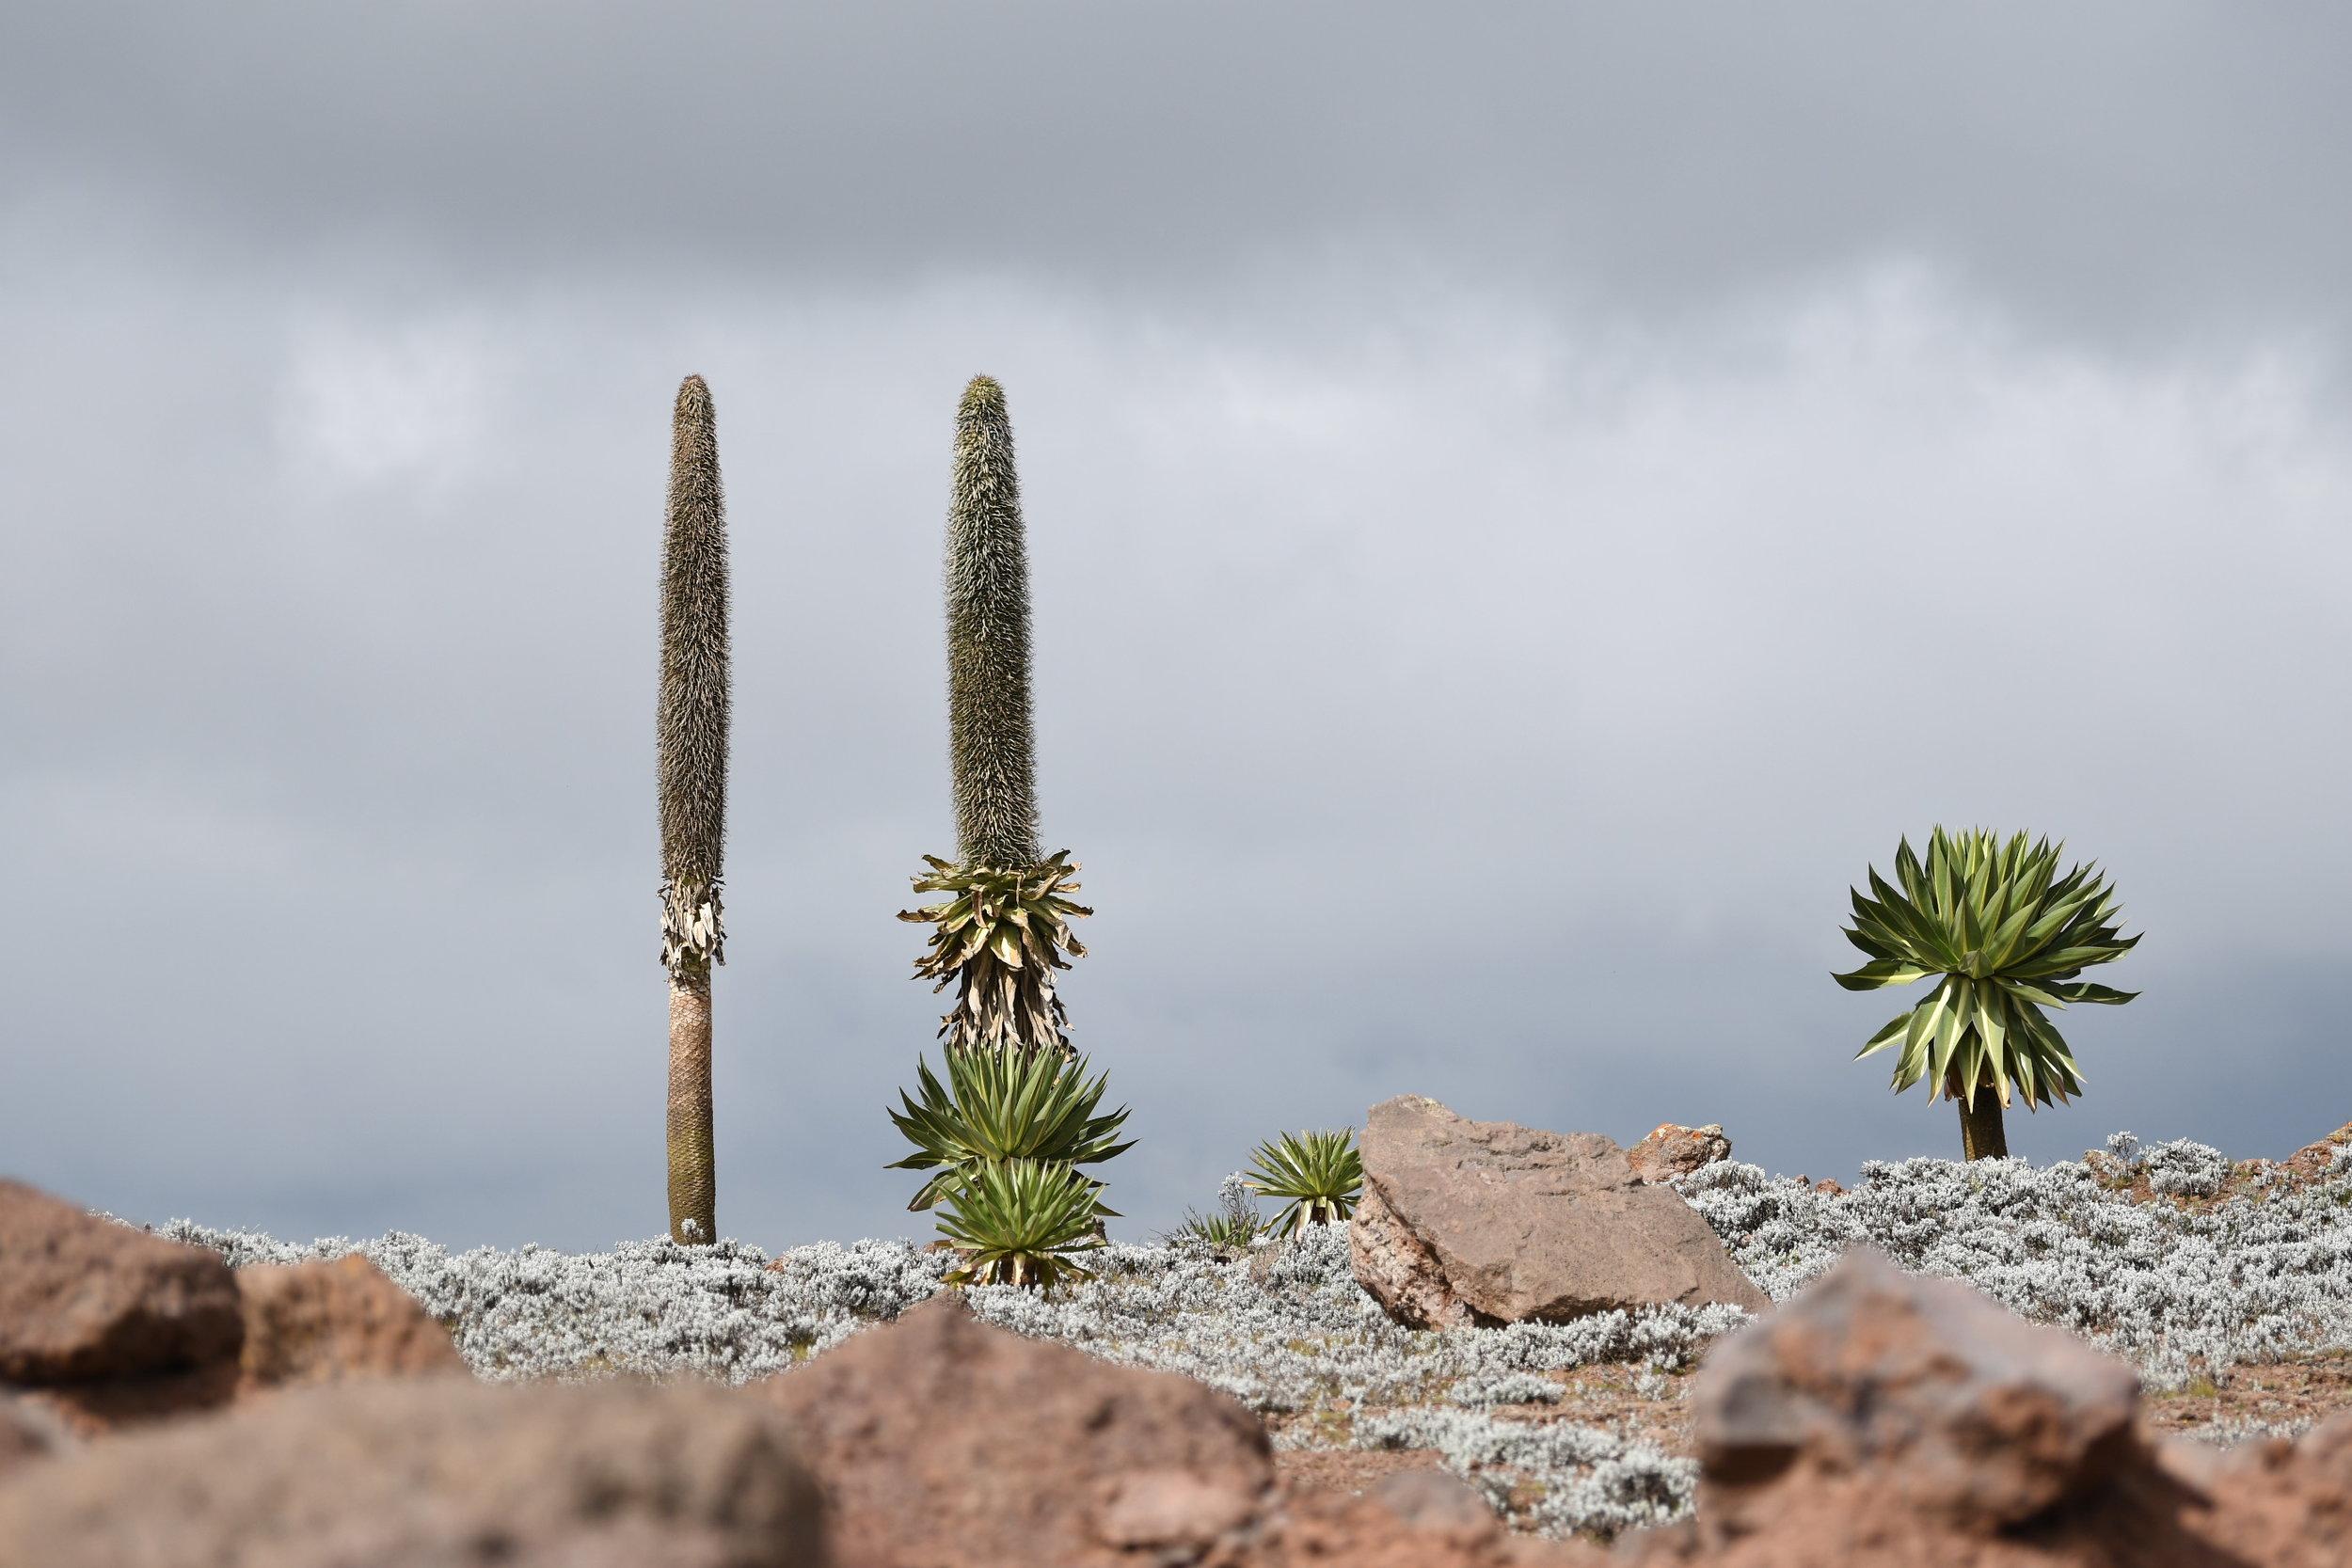 Giant Lobelia on the plateau